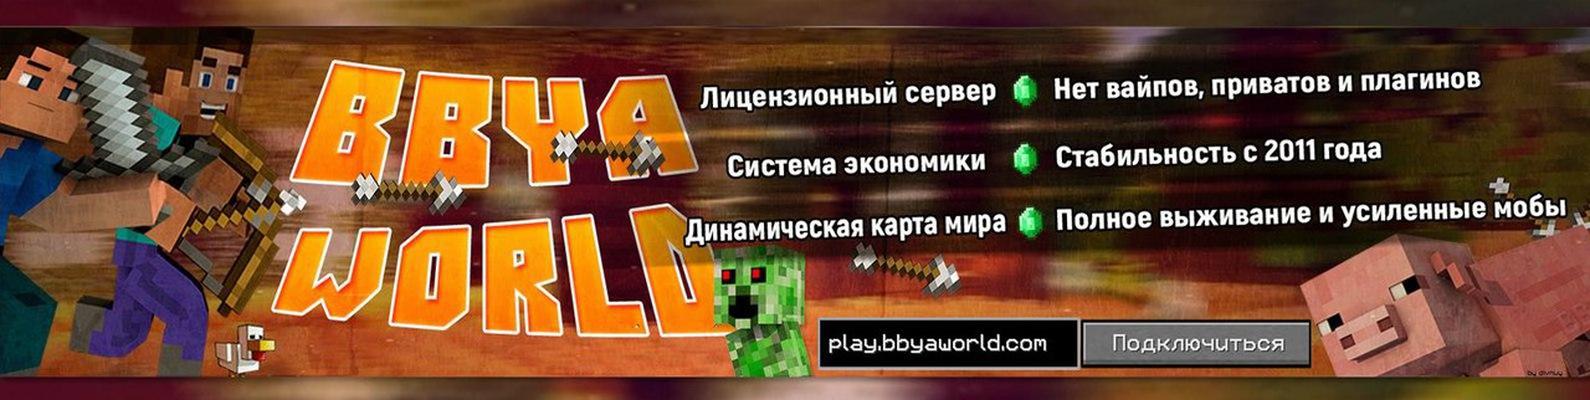 ТОП 5 Лицензионных серверов minecraft - YouTube